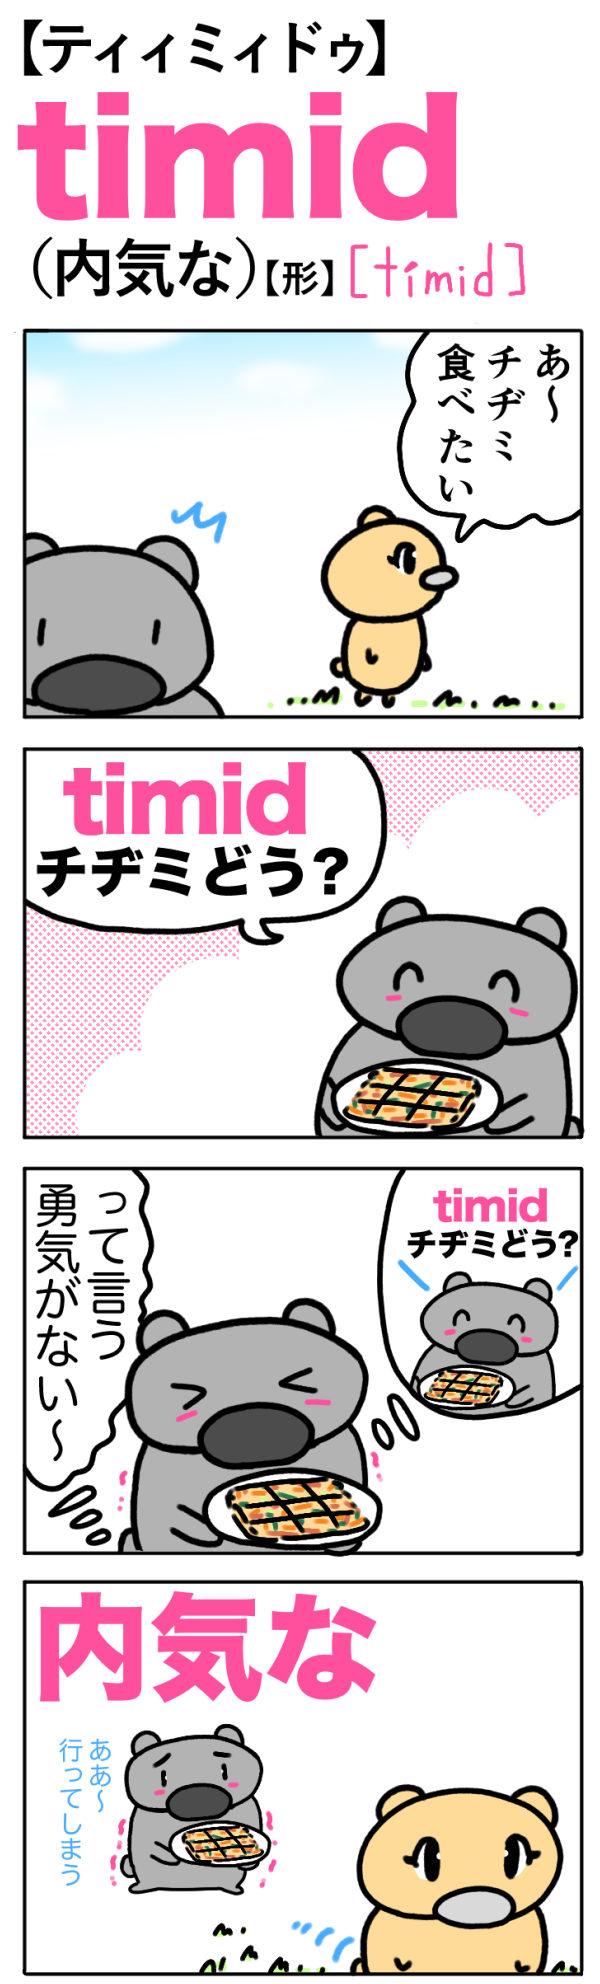 timid(内気な)の語呂合わせ英単語